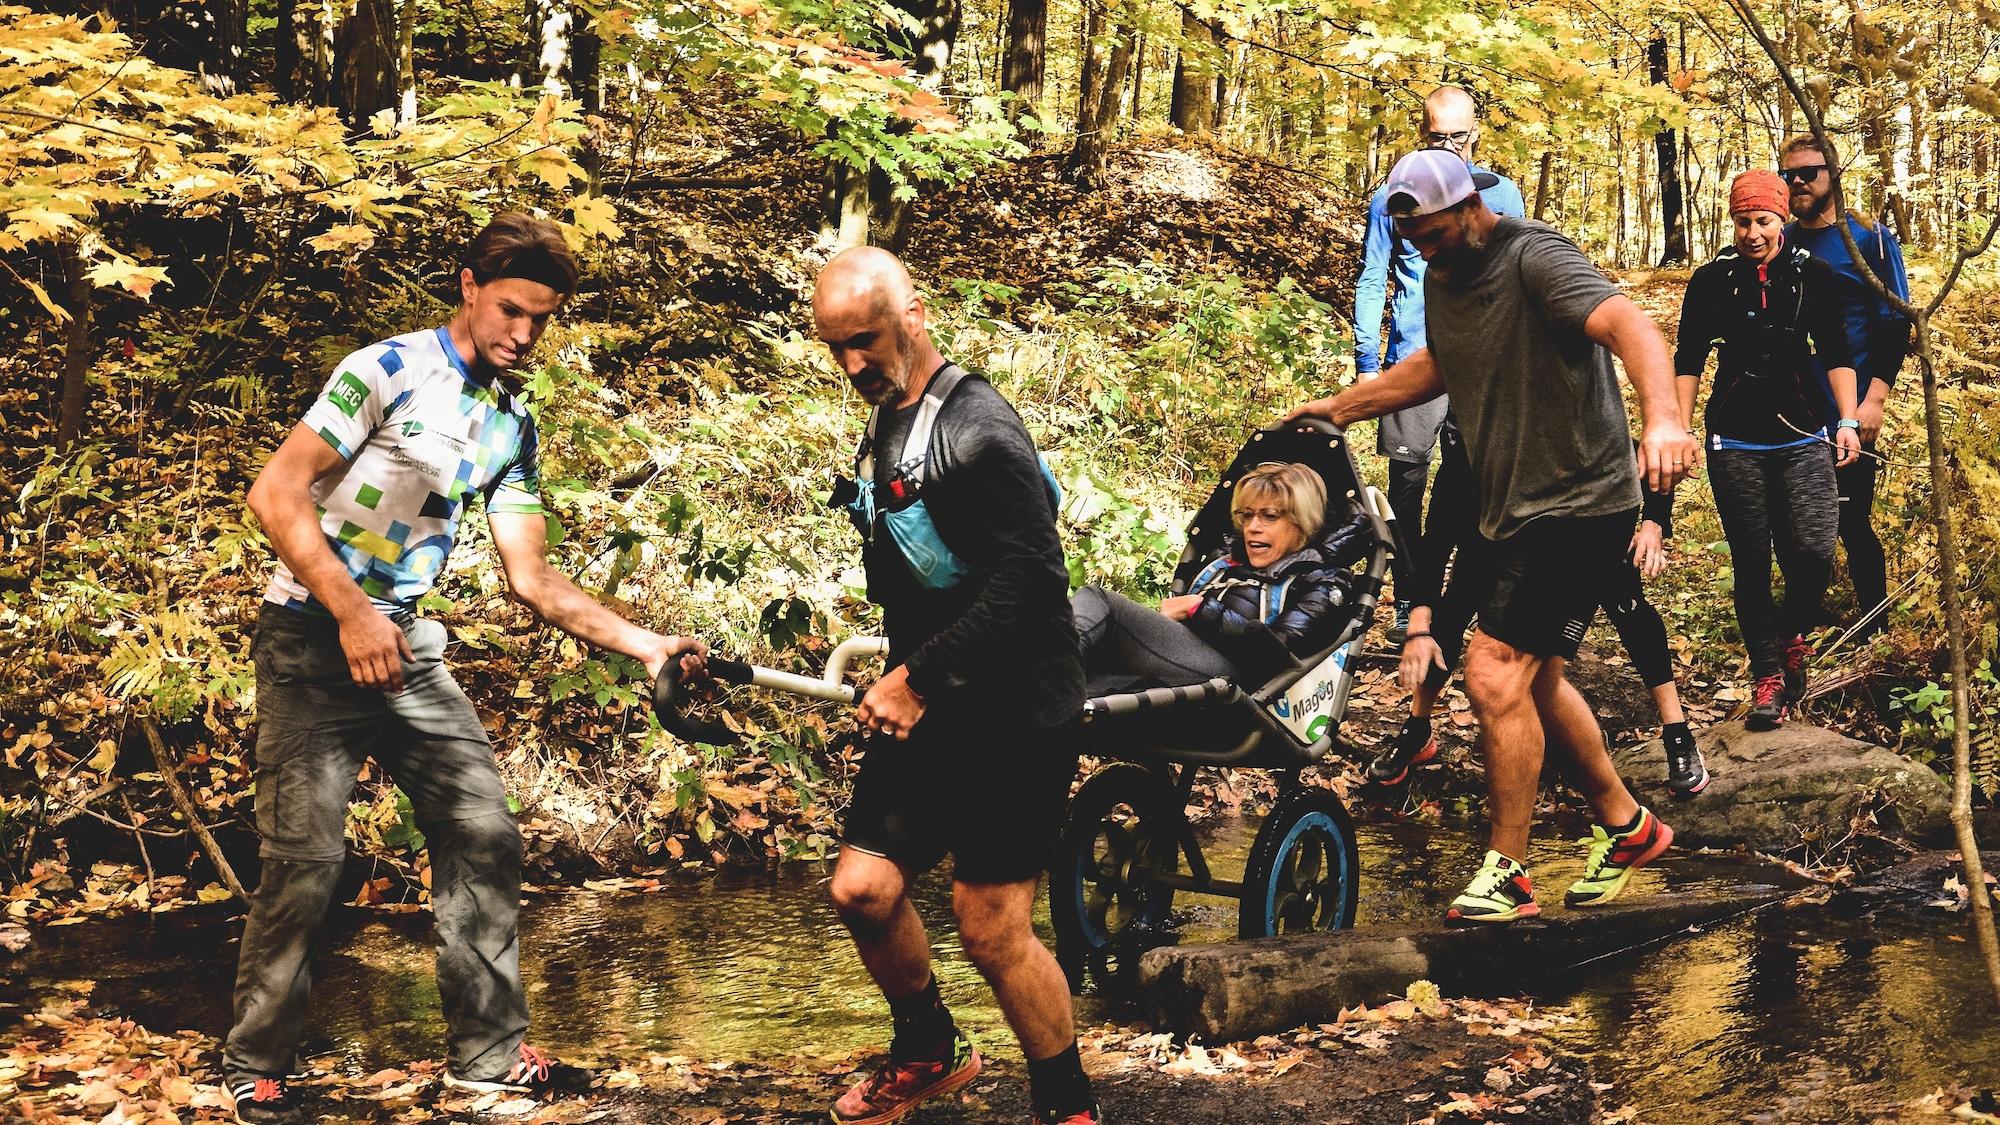 Steve Charbonneau et d'autres personnes aident une personne handicapée, assise dans un fauteuil roulant spécial, à se déplacer en forêt.